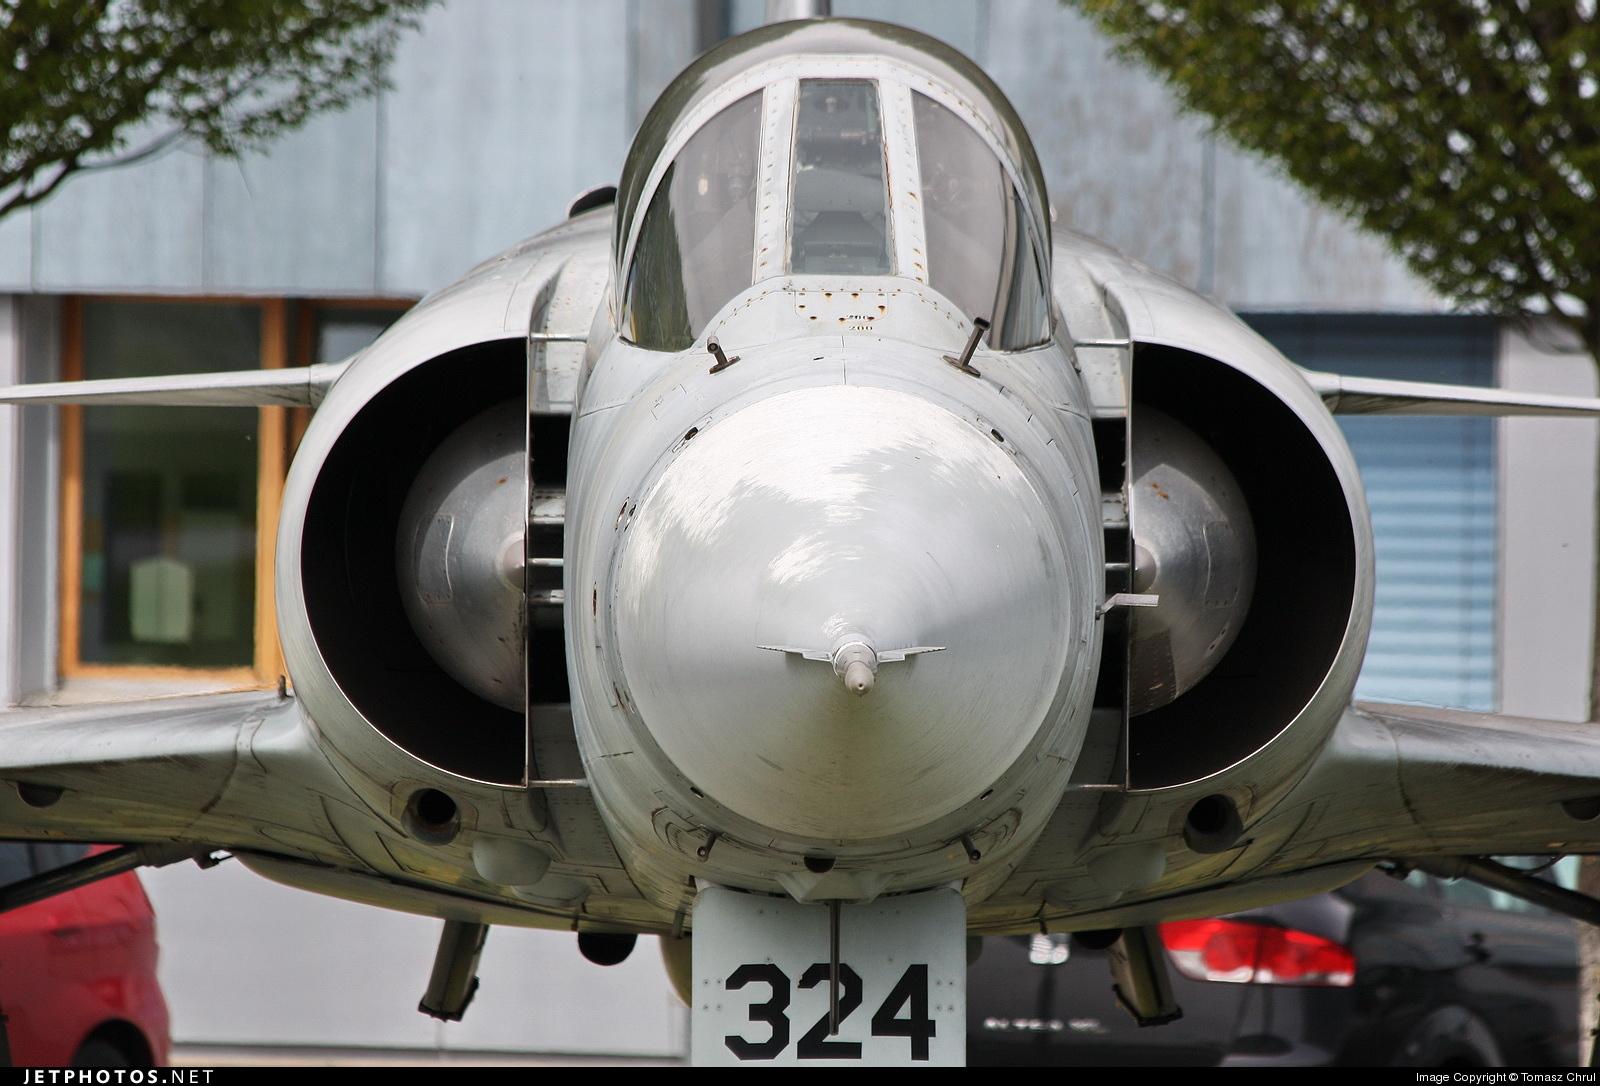 J-2324 - Dassault Mirage 3 - Switzerland - Air Force